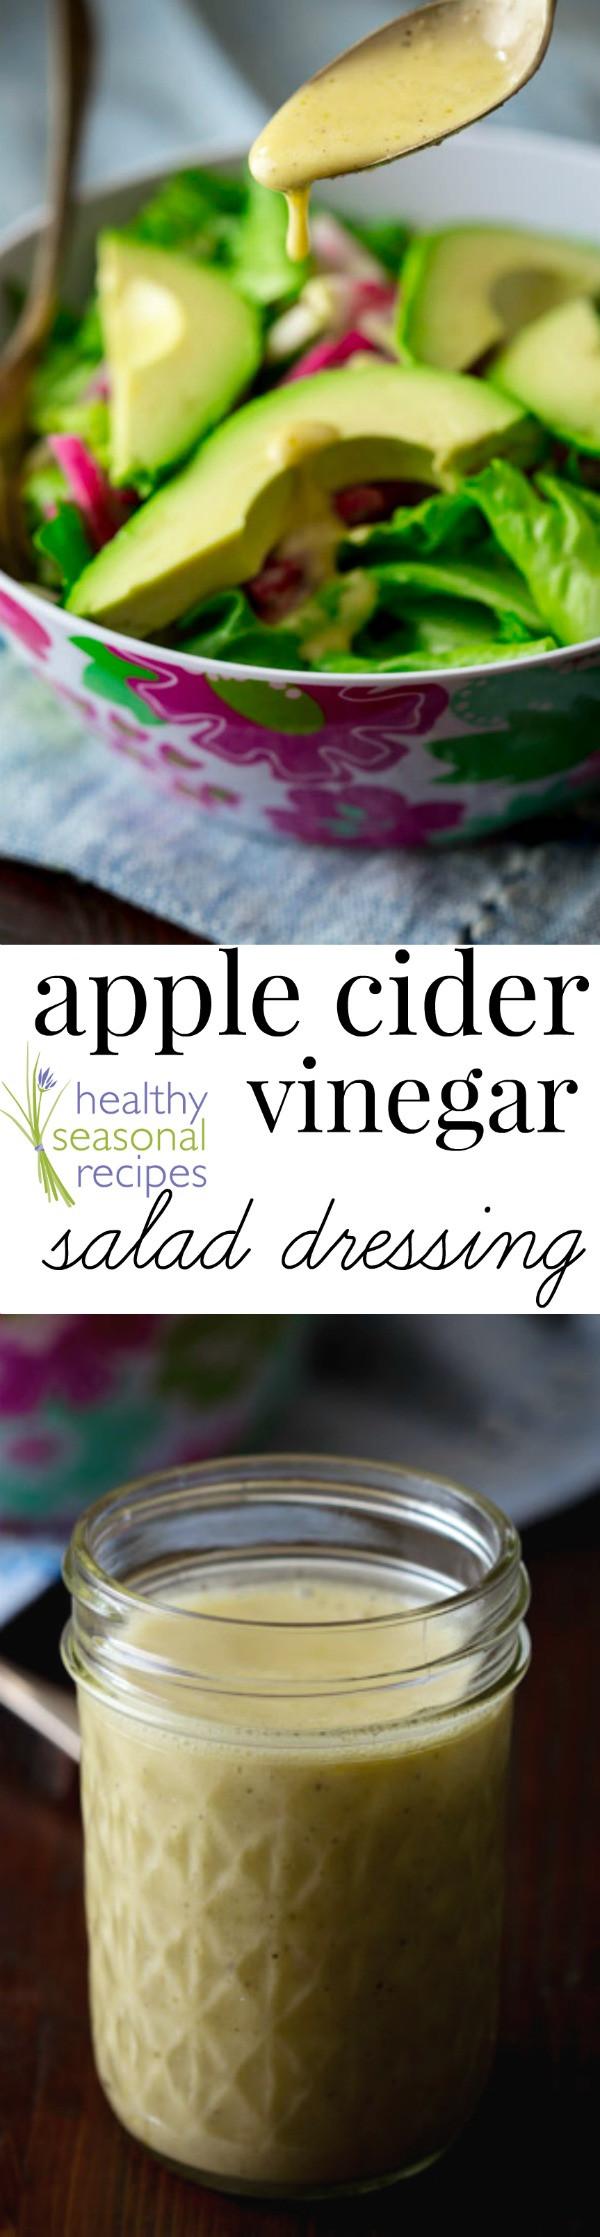 Apple Cider Vinegar Salad Dressing  apple cider vinegar salad dressing Healthy Seasonal Recipes